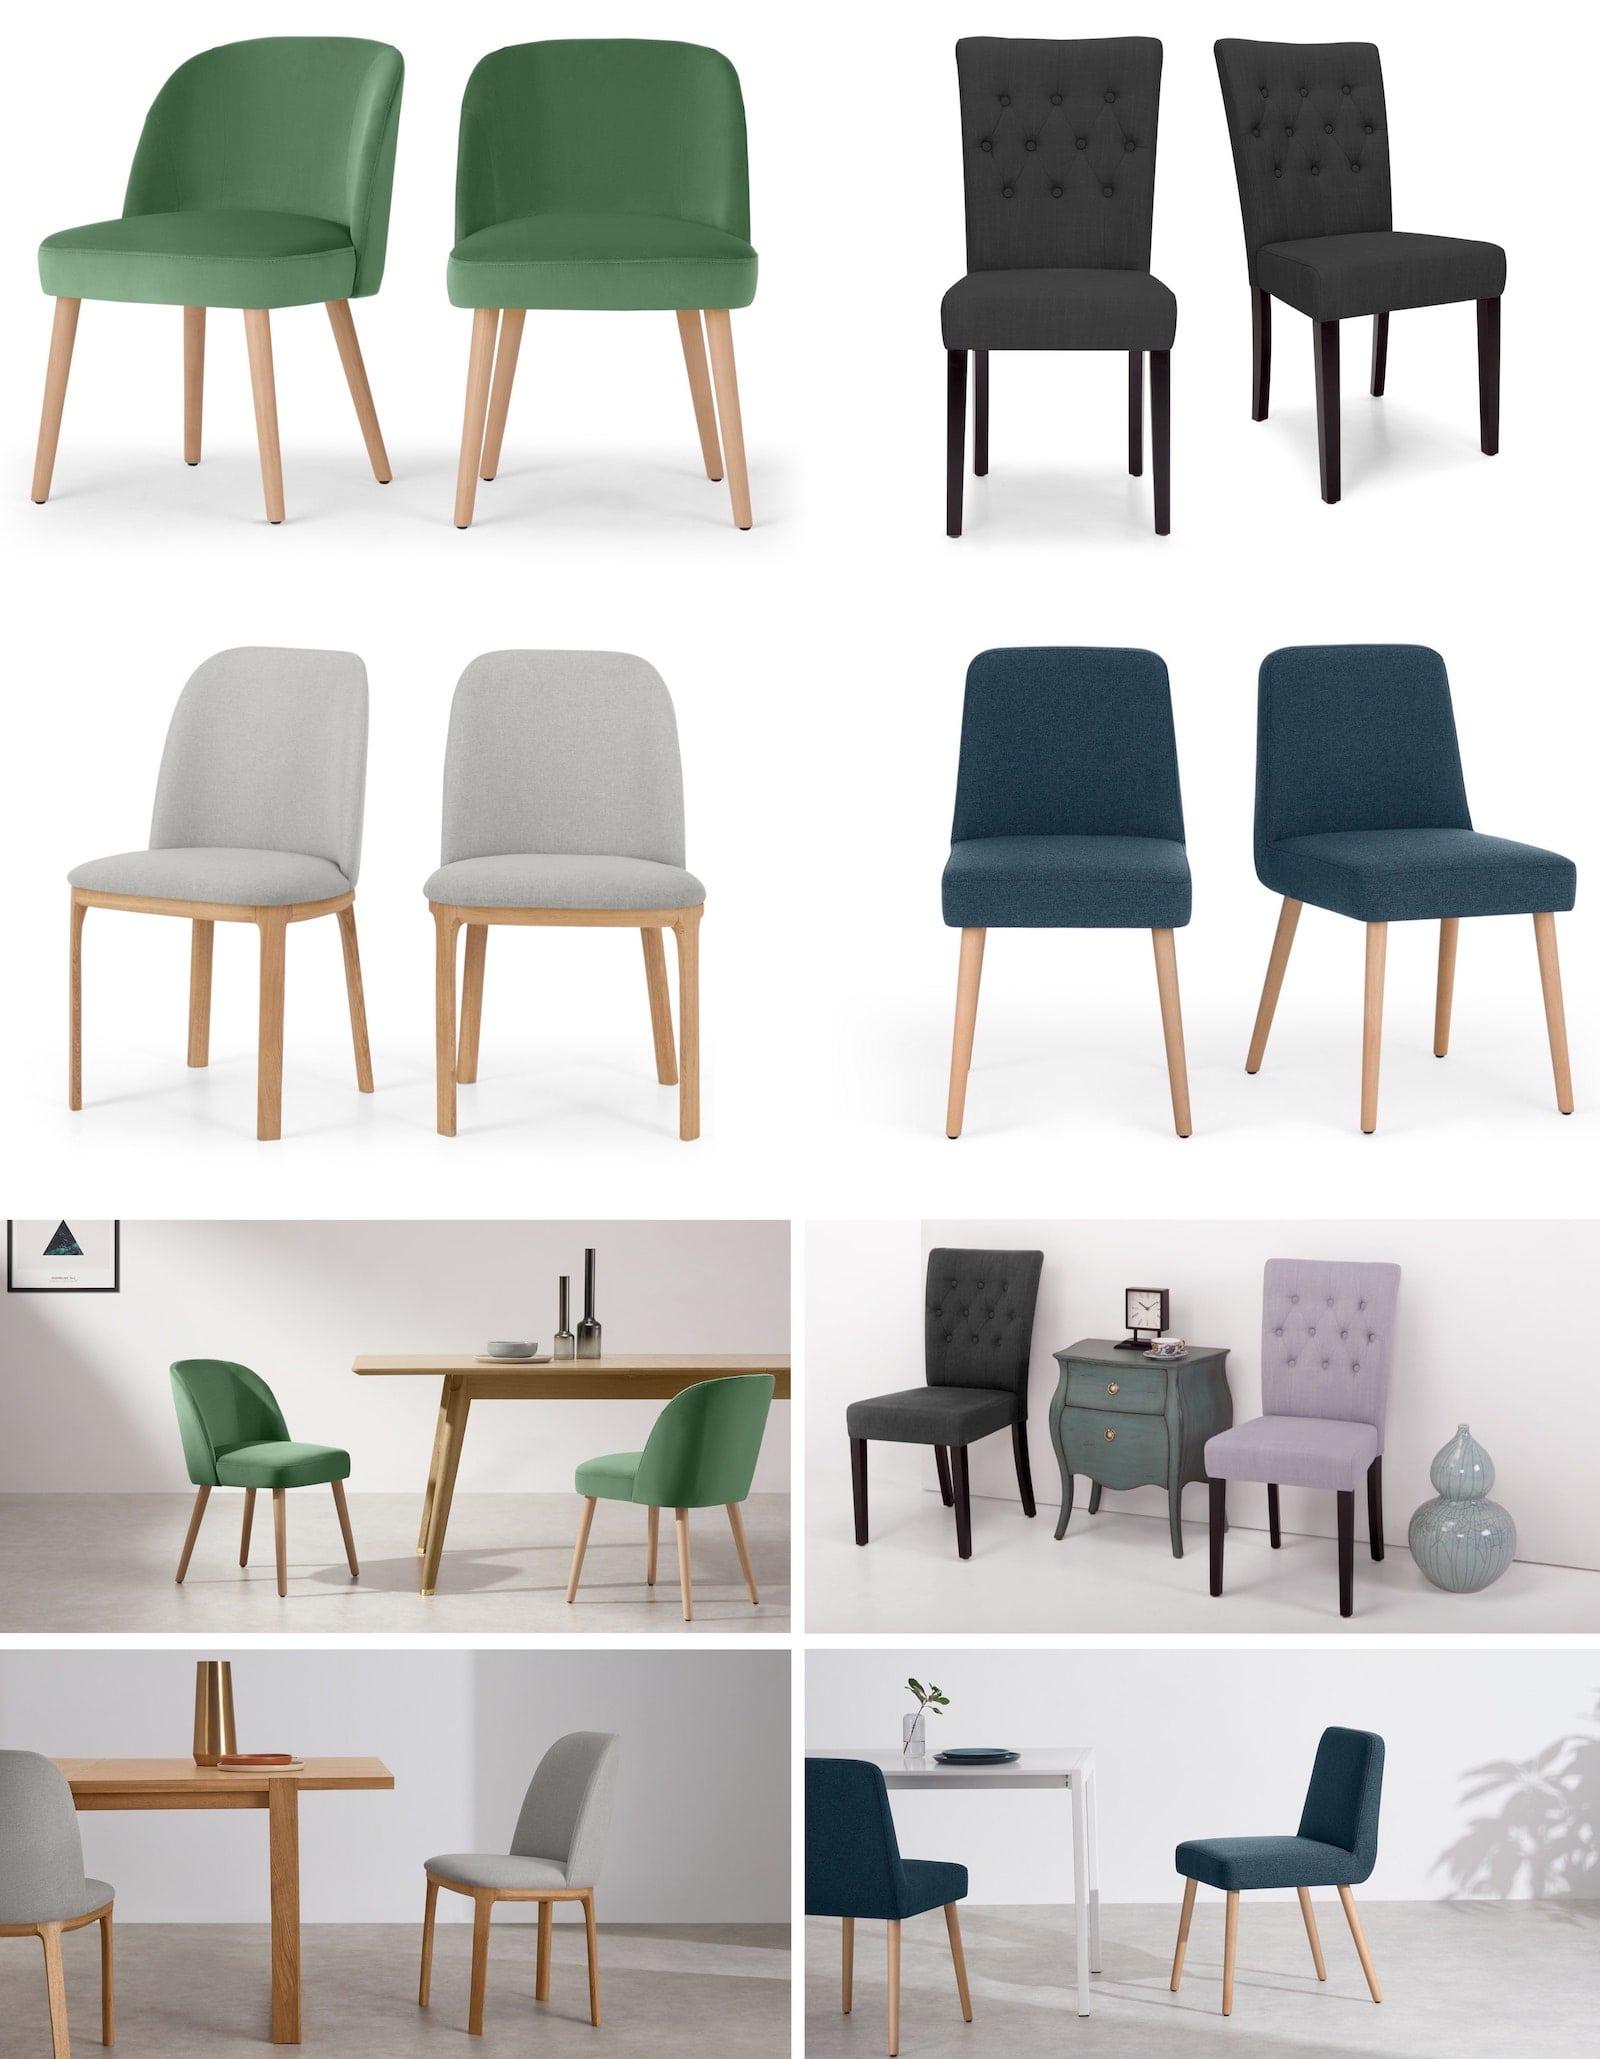 красивая мебель для кухни – стулья